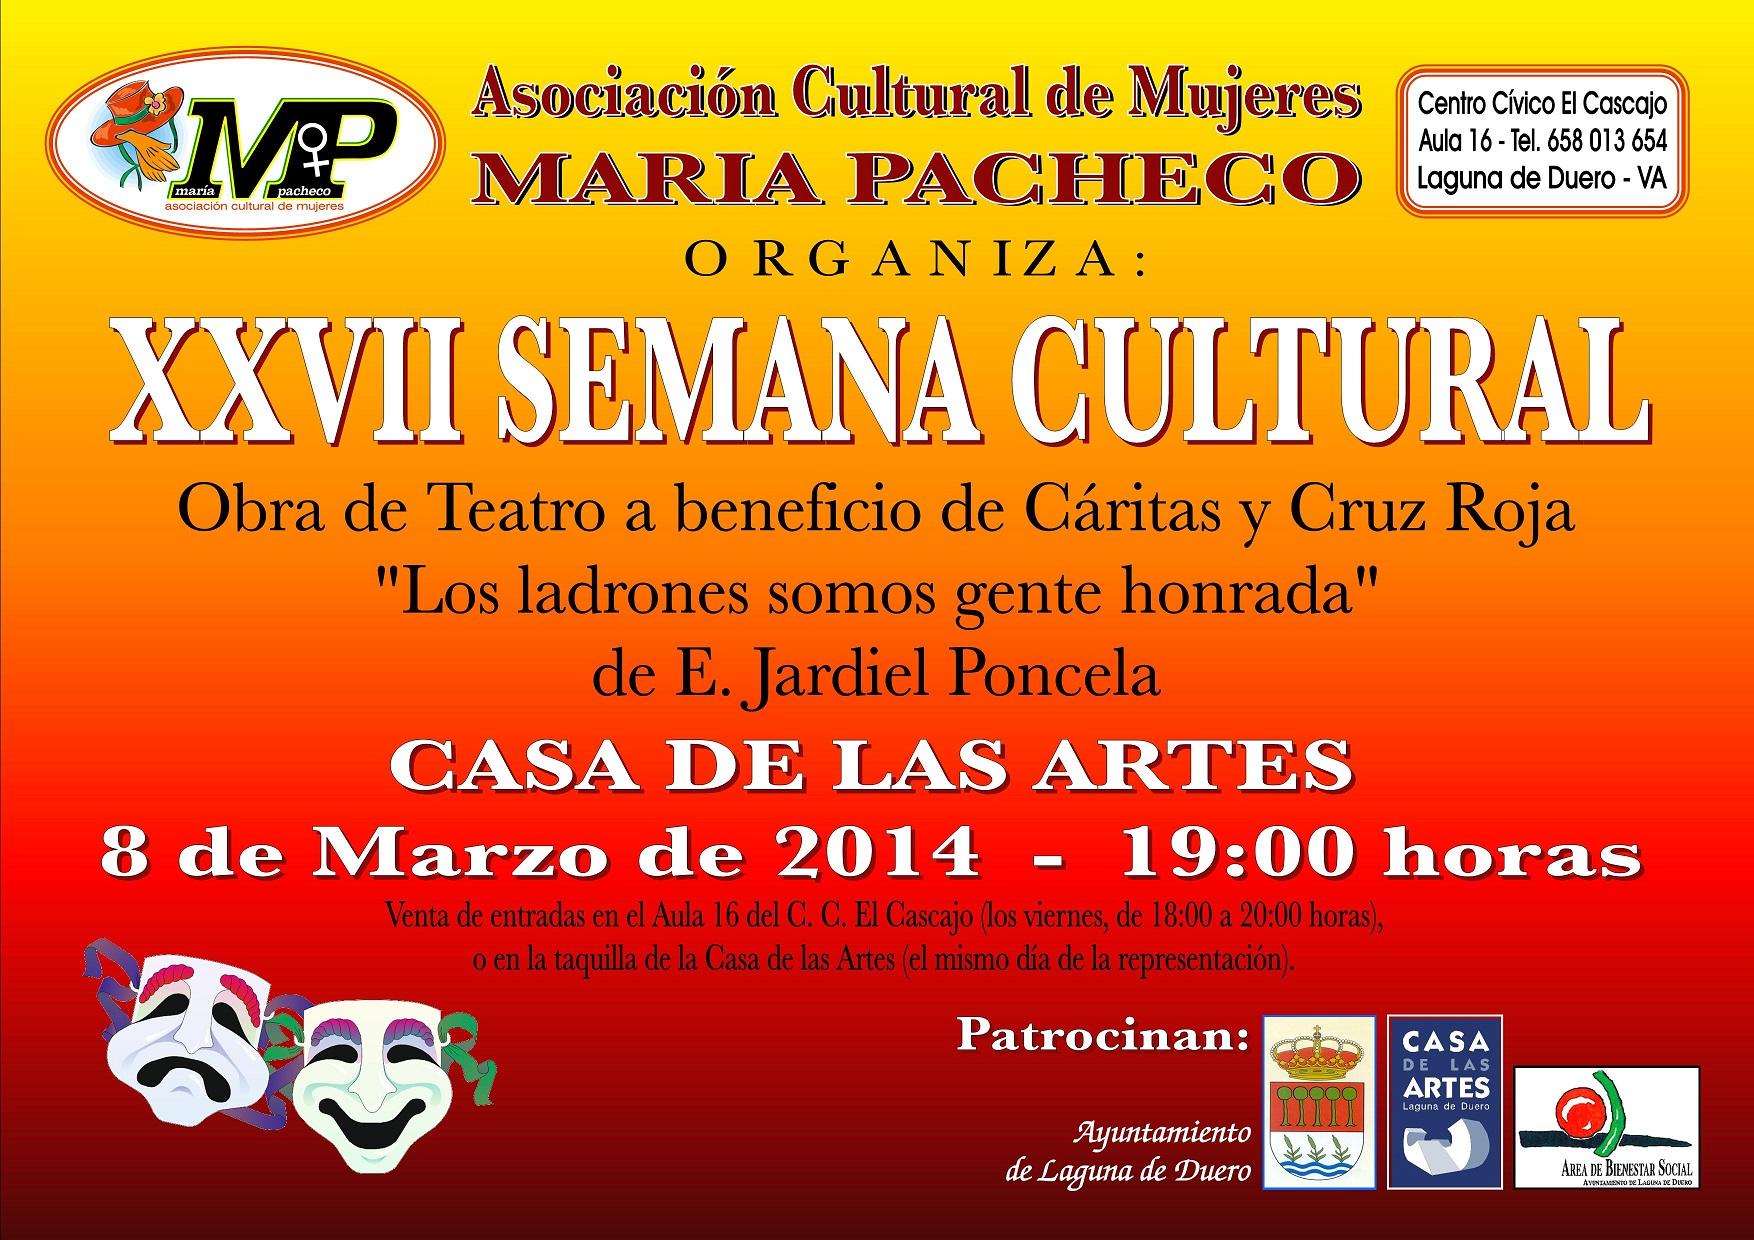 La Asociación María Pacheco arranca el sábado su XXVII Semana Cultural con un manifiesto sobre el Día Internacional de la Mujer trabajadora.